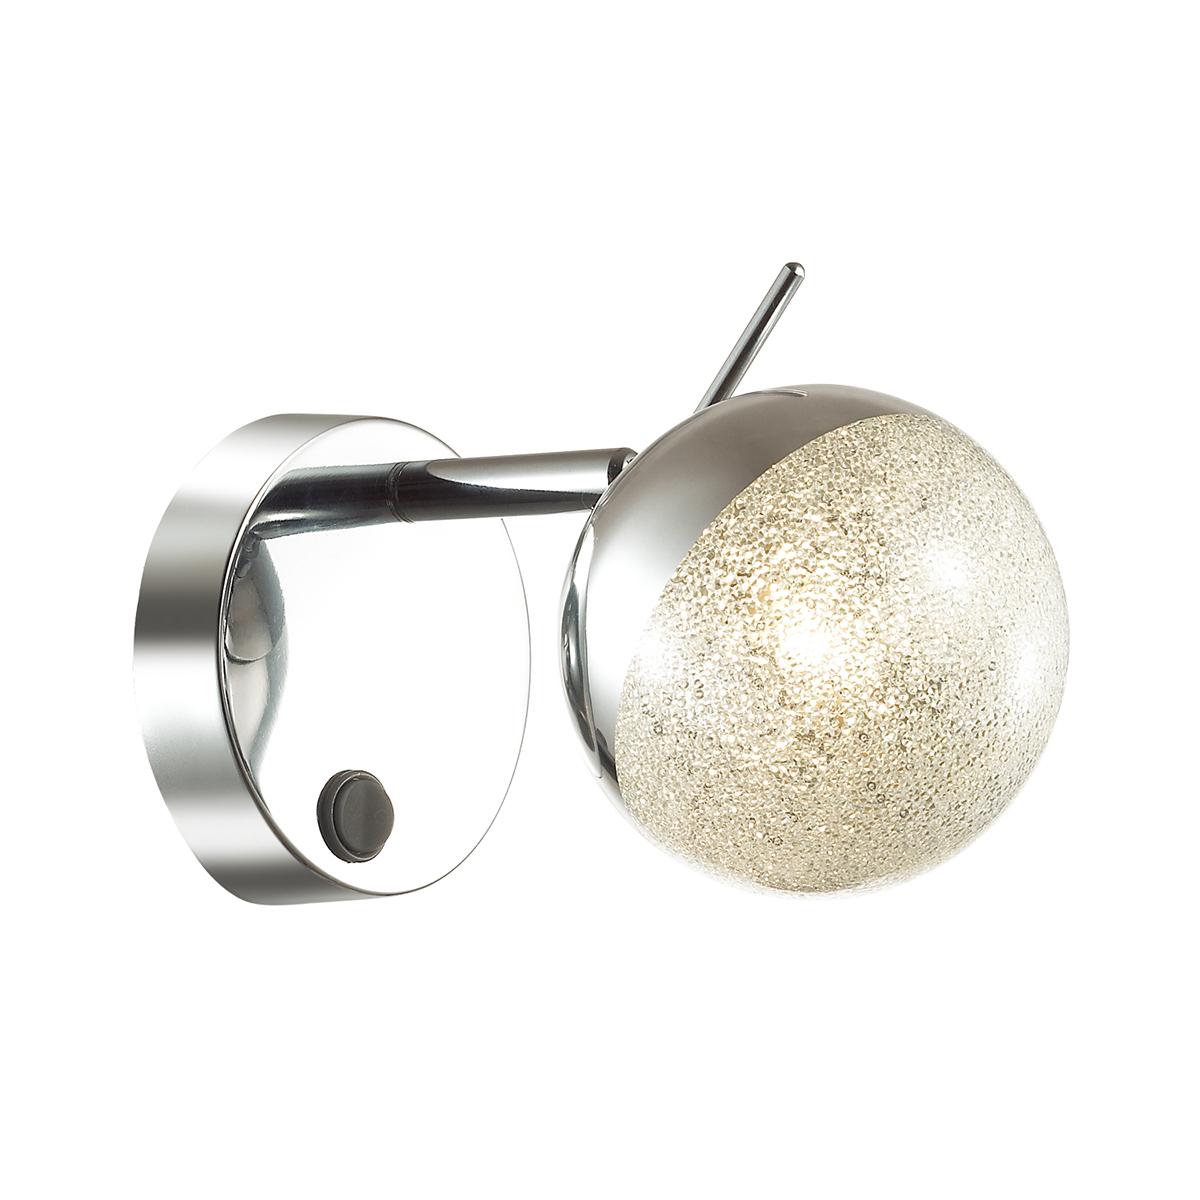 Настенный светильник с регулировкой направления света Lumion Gala 3632/1W, хром, матовый, металл, стекло - фото 1